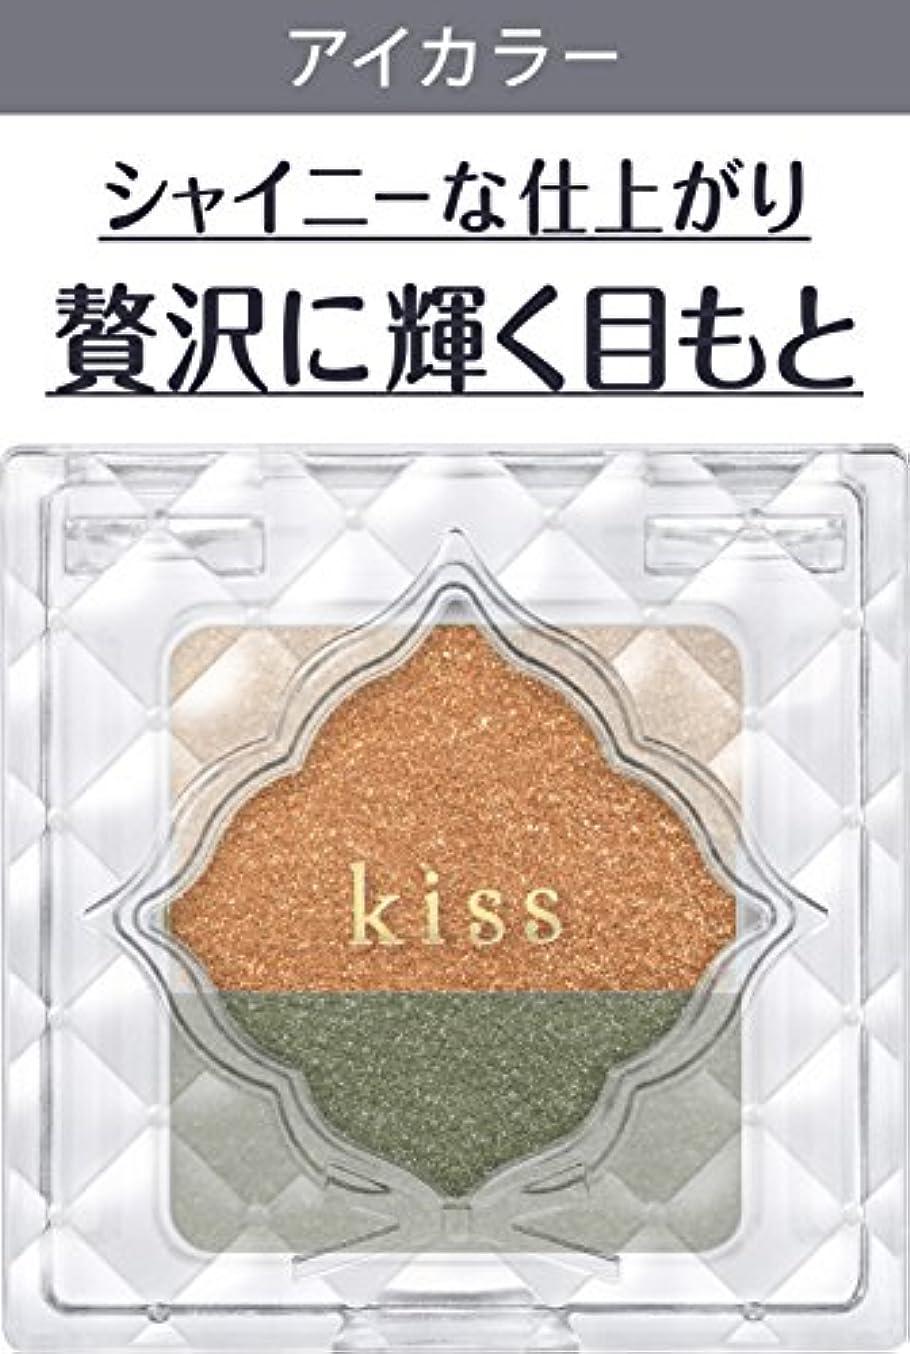 ドラム王位町kiss デュアルアイズS12